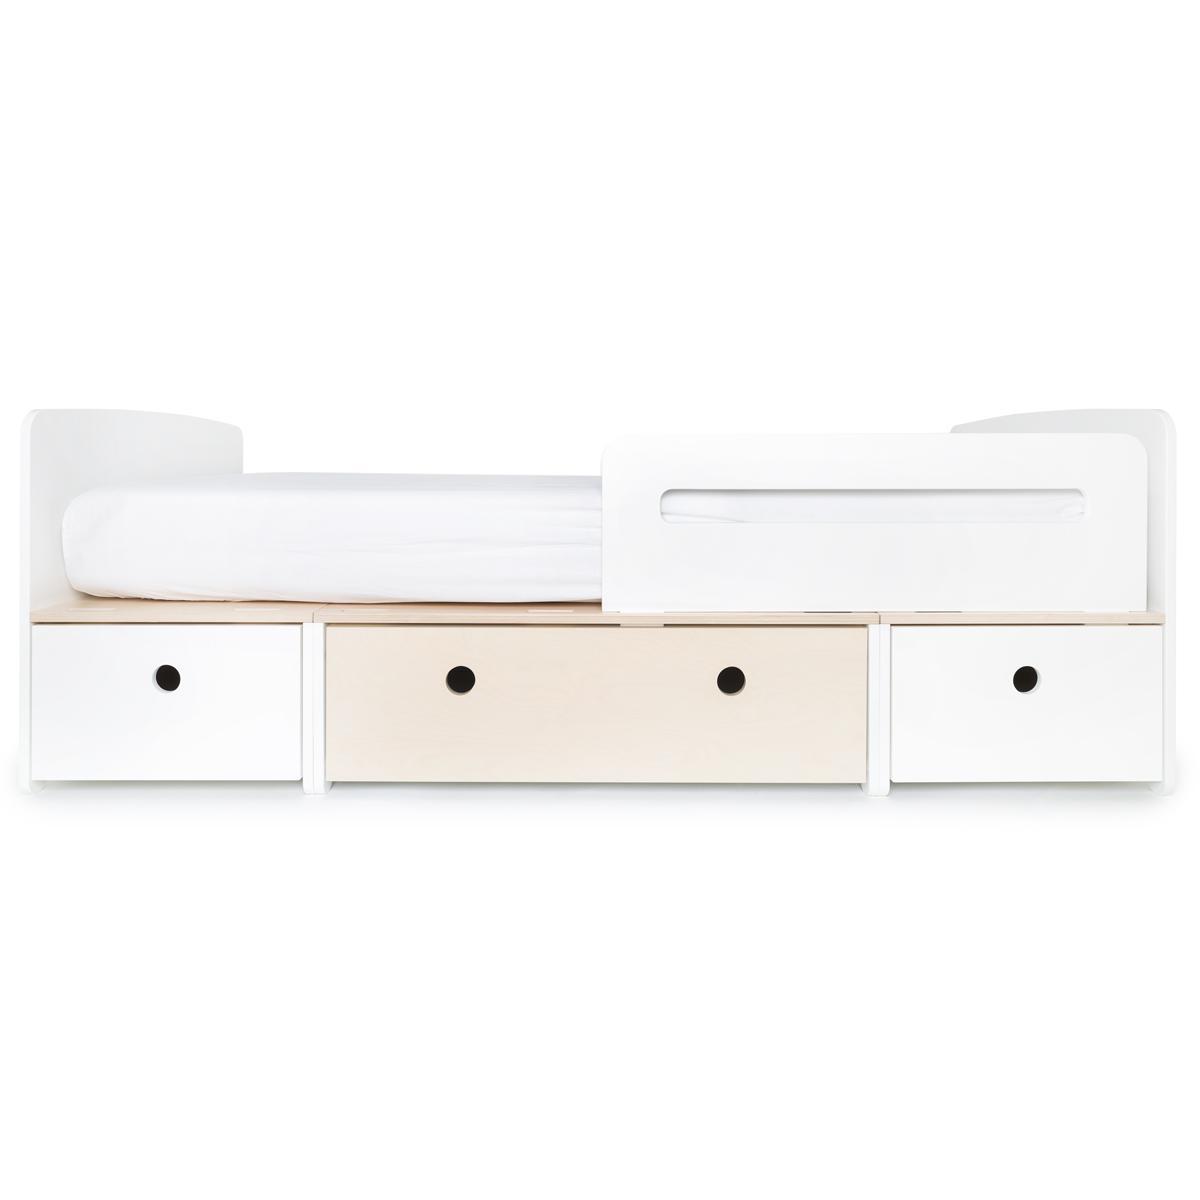 Kinderbett 90x200cm COLORFLEX white-white wash-white